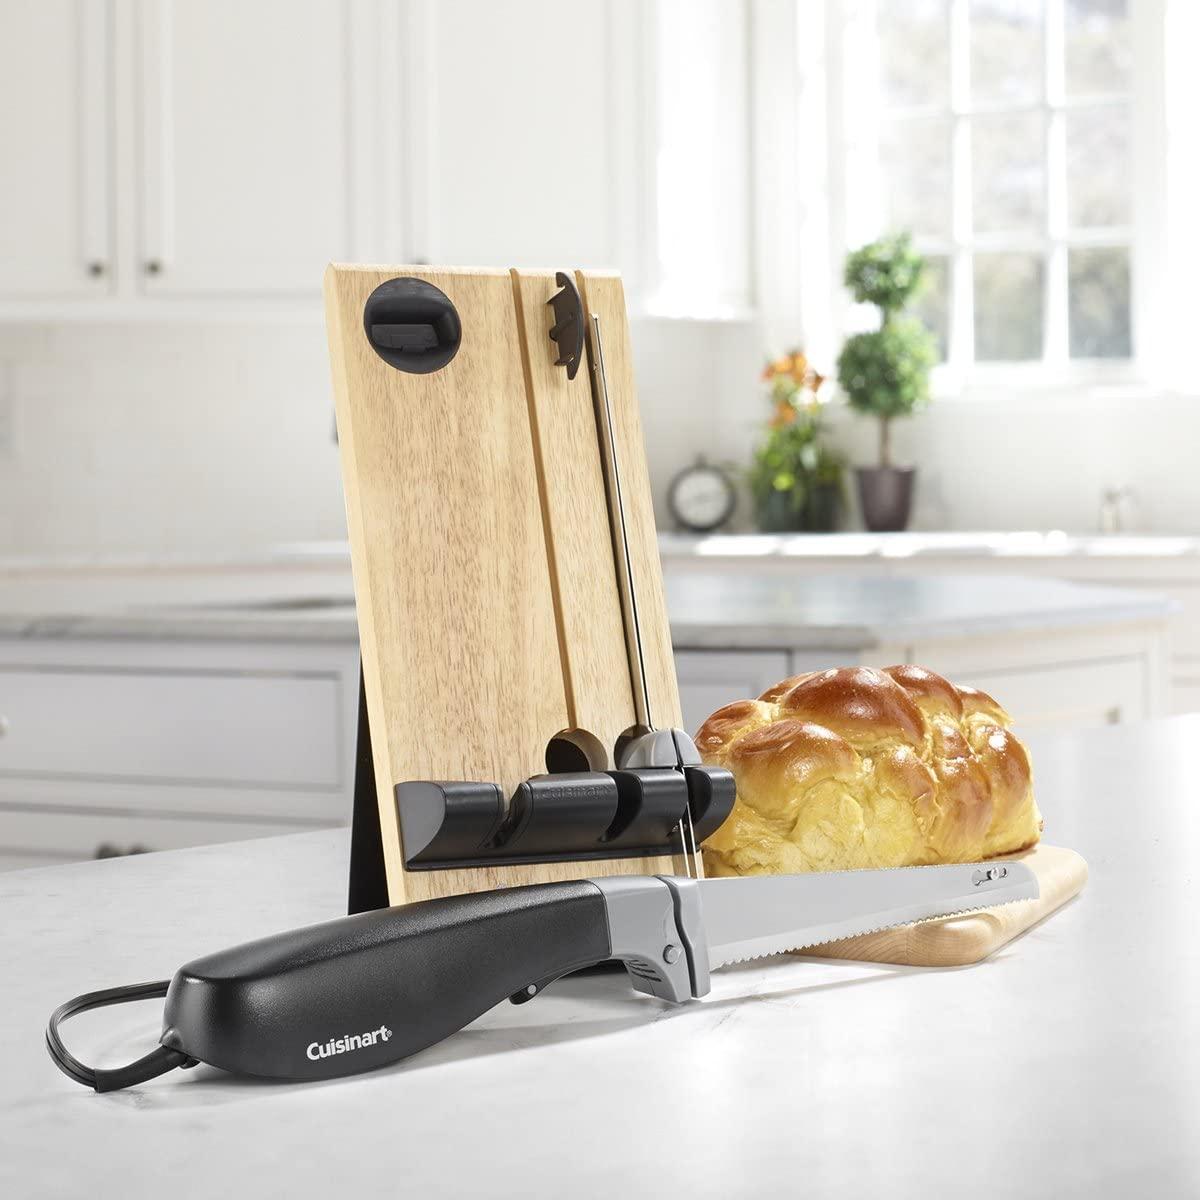 Cuisinart(クイジナート) 電動ナイフ ブラック CEK40の商品画像4